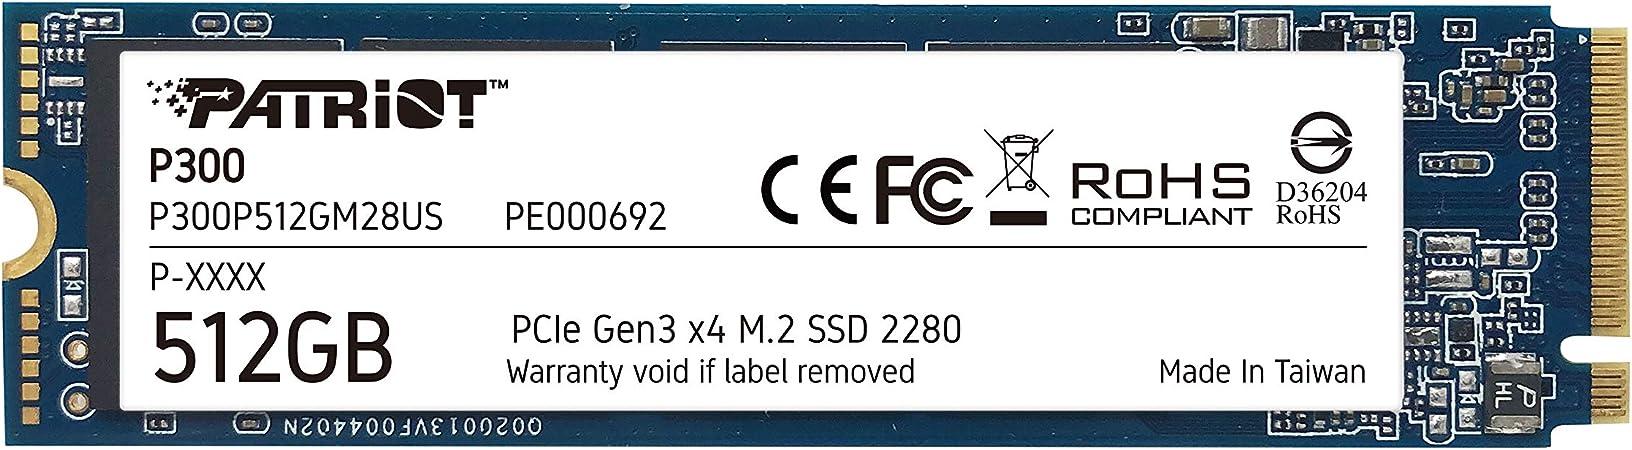 Patriot P300 M.2 Pcie Gen 3 x4 512GB SSD de bajo Consumo: Amazon ...